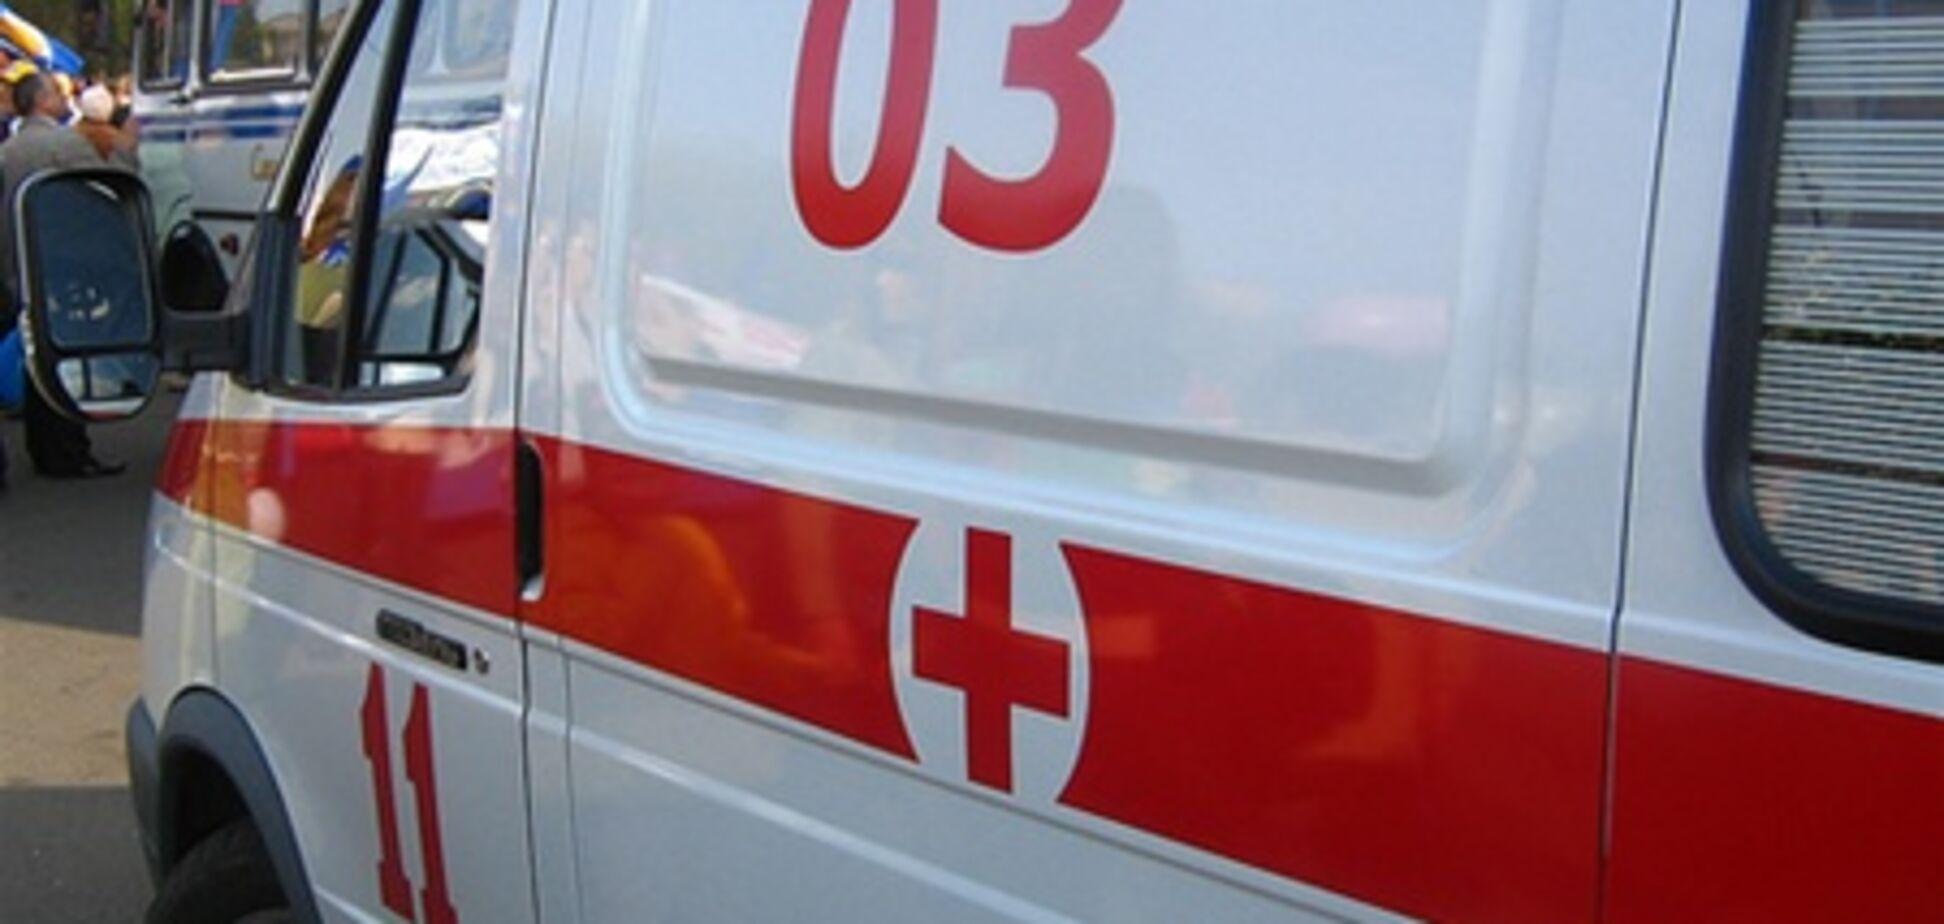 Прокуратура взялася за медиків, які відмовили в допомозі дитині